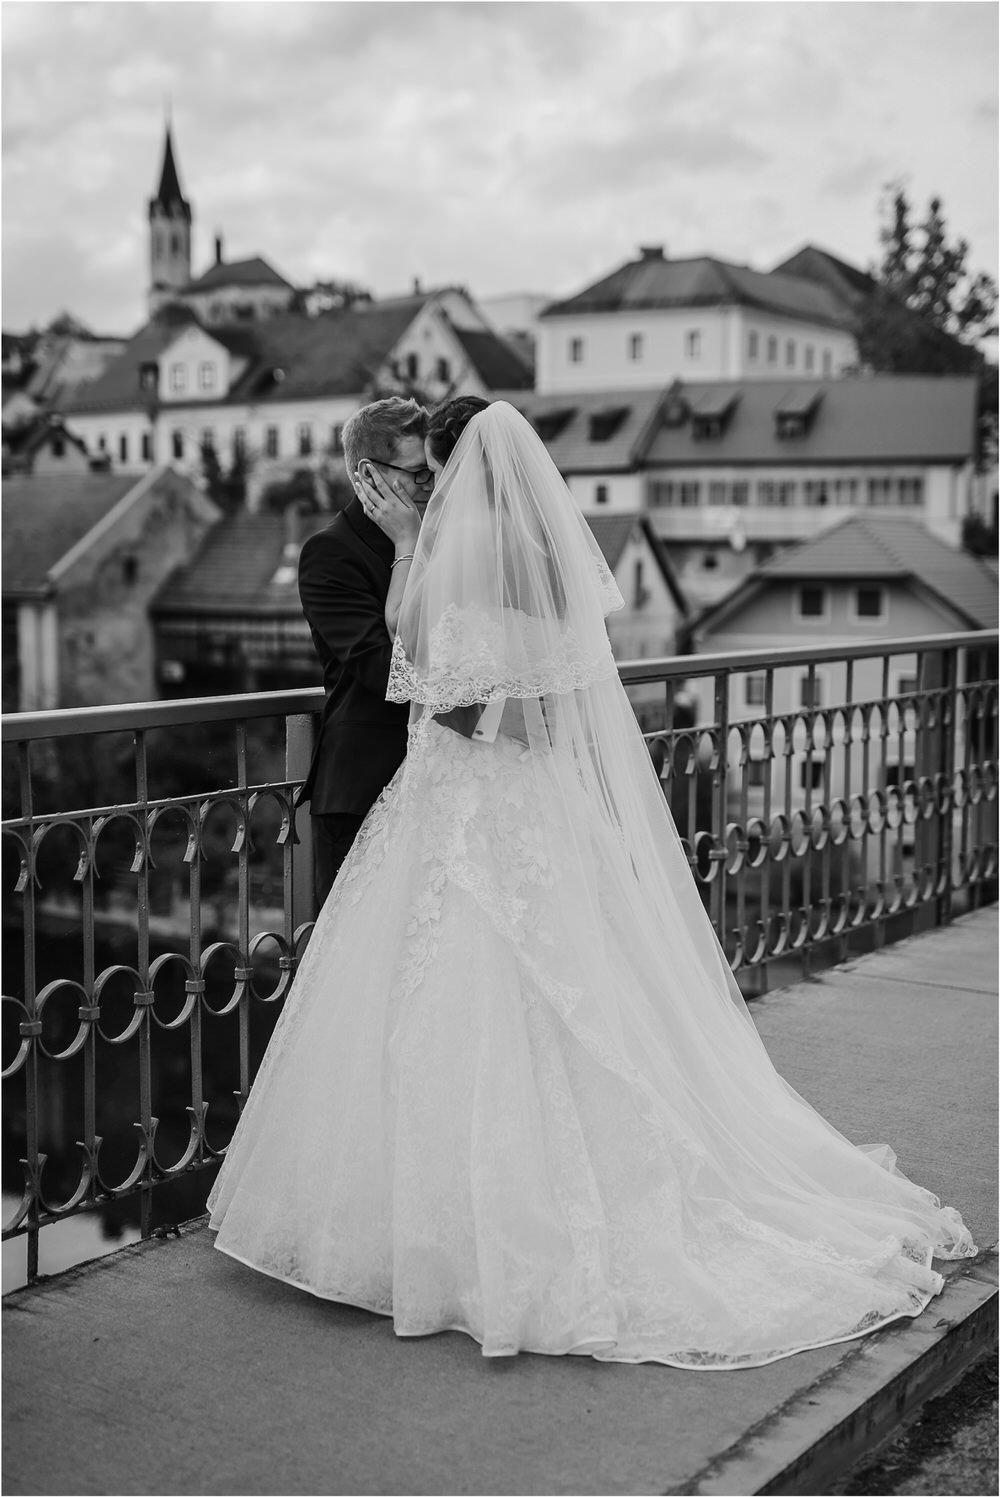 tri lučke poroka poročni fotograf fotografiranje intimna poroka zaroka krško posavje dolenjska novo mesto nika grega rustikalna romantična vintage wedding slovenia photography 0060.jpg